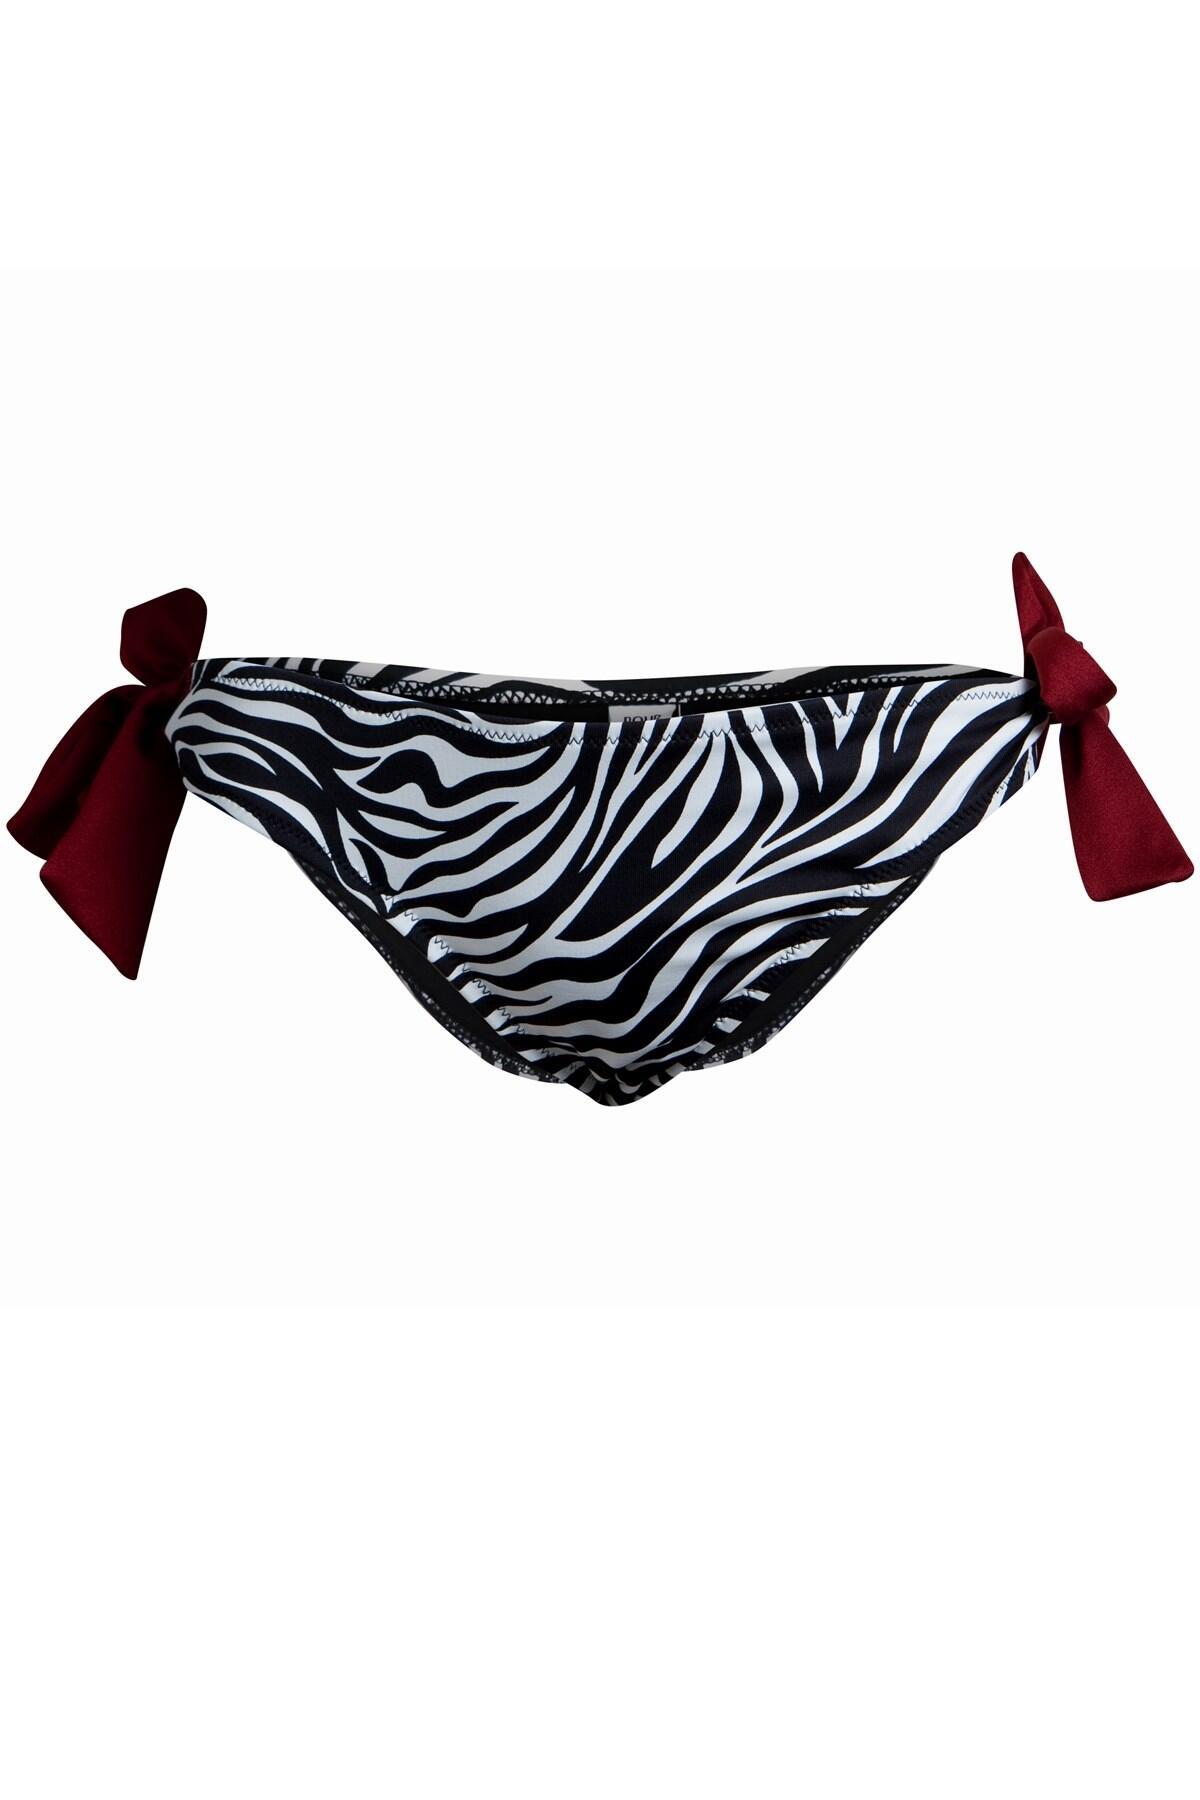 Safari Tie Side Brief - Zebra